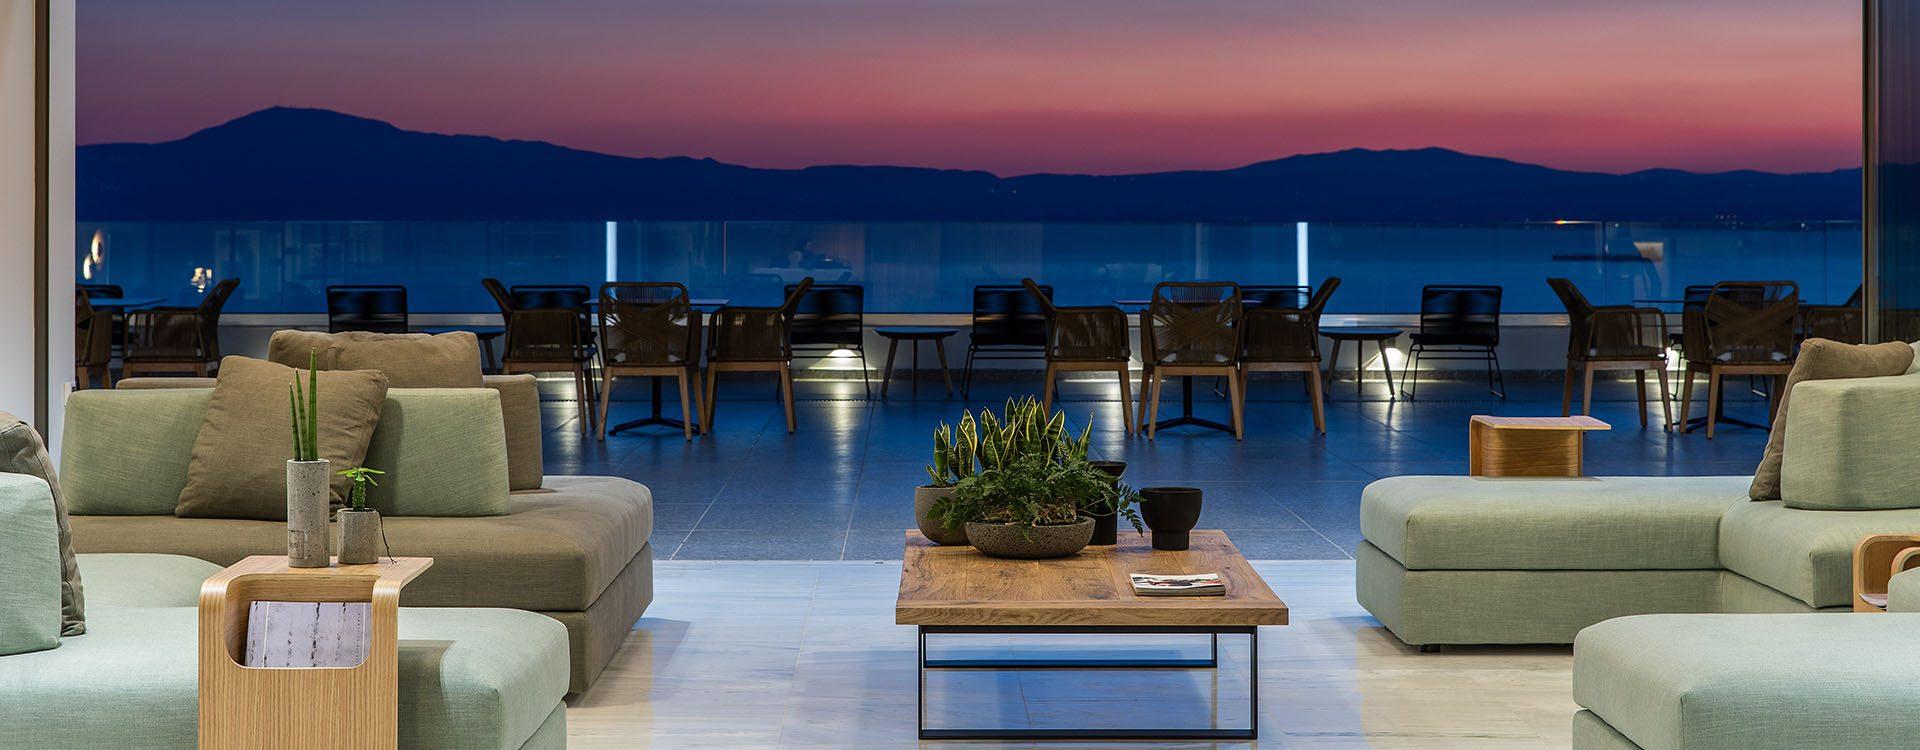 ξενοδοχεια καλαματα- Messinian Icon Hotel